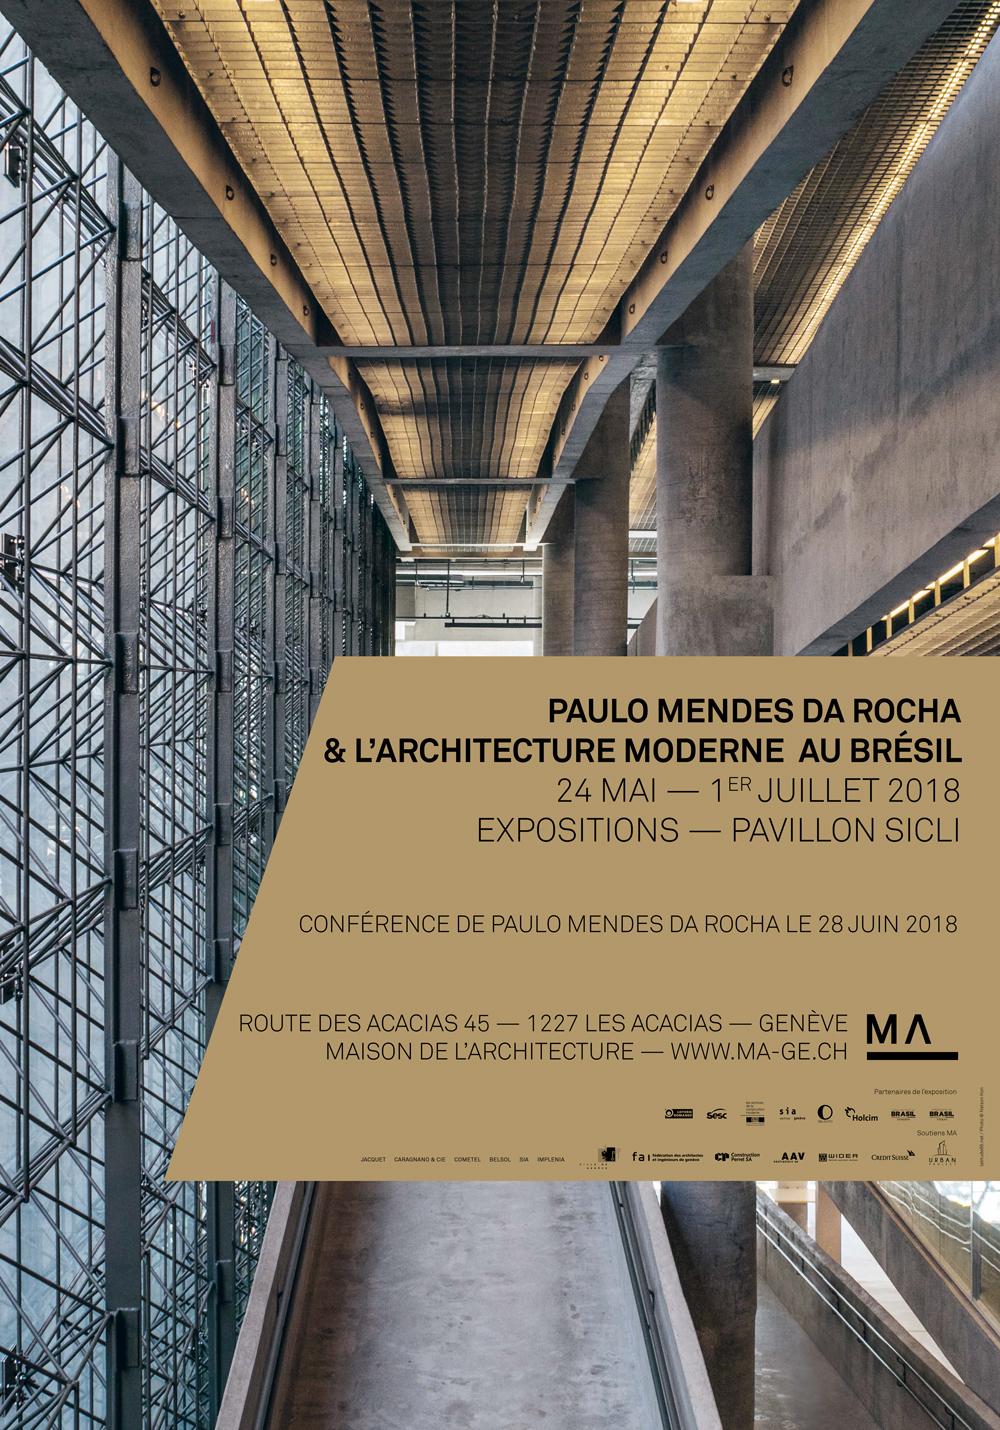 paulo mendes da rocha l 39 architecture moderne au br sil exposition les acacias. Black Bedroom Furniture Sets. Home Design Ideas